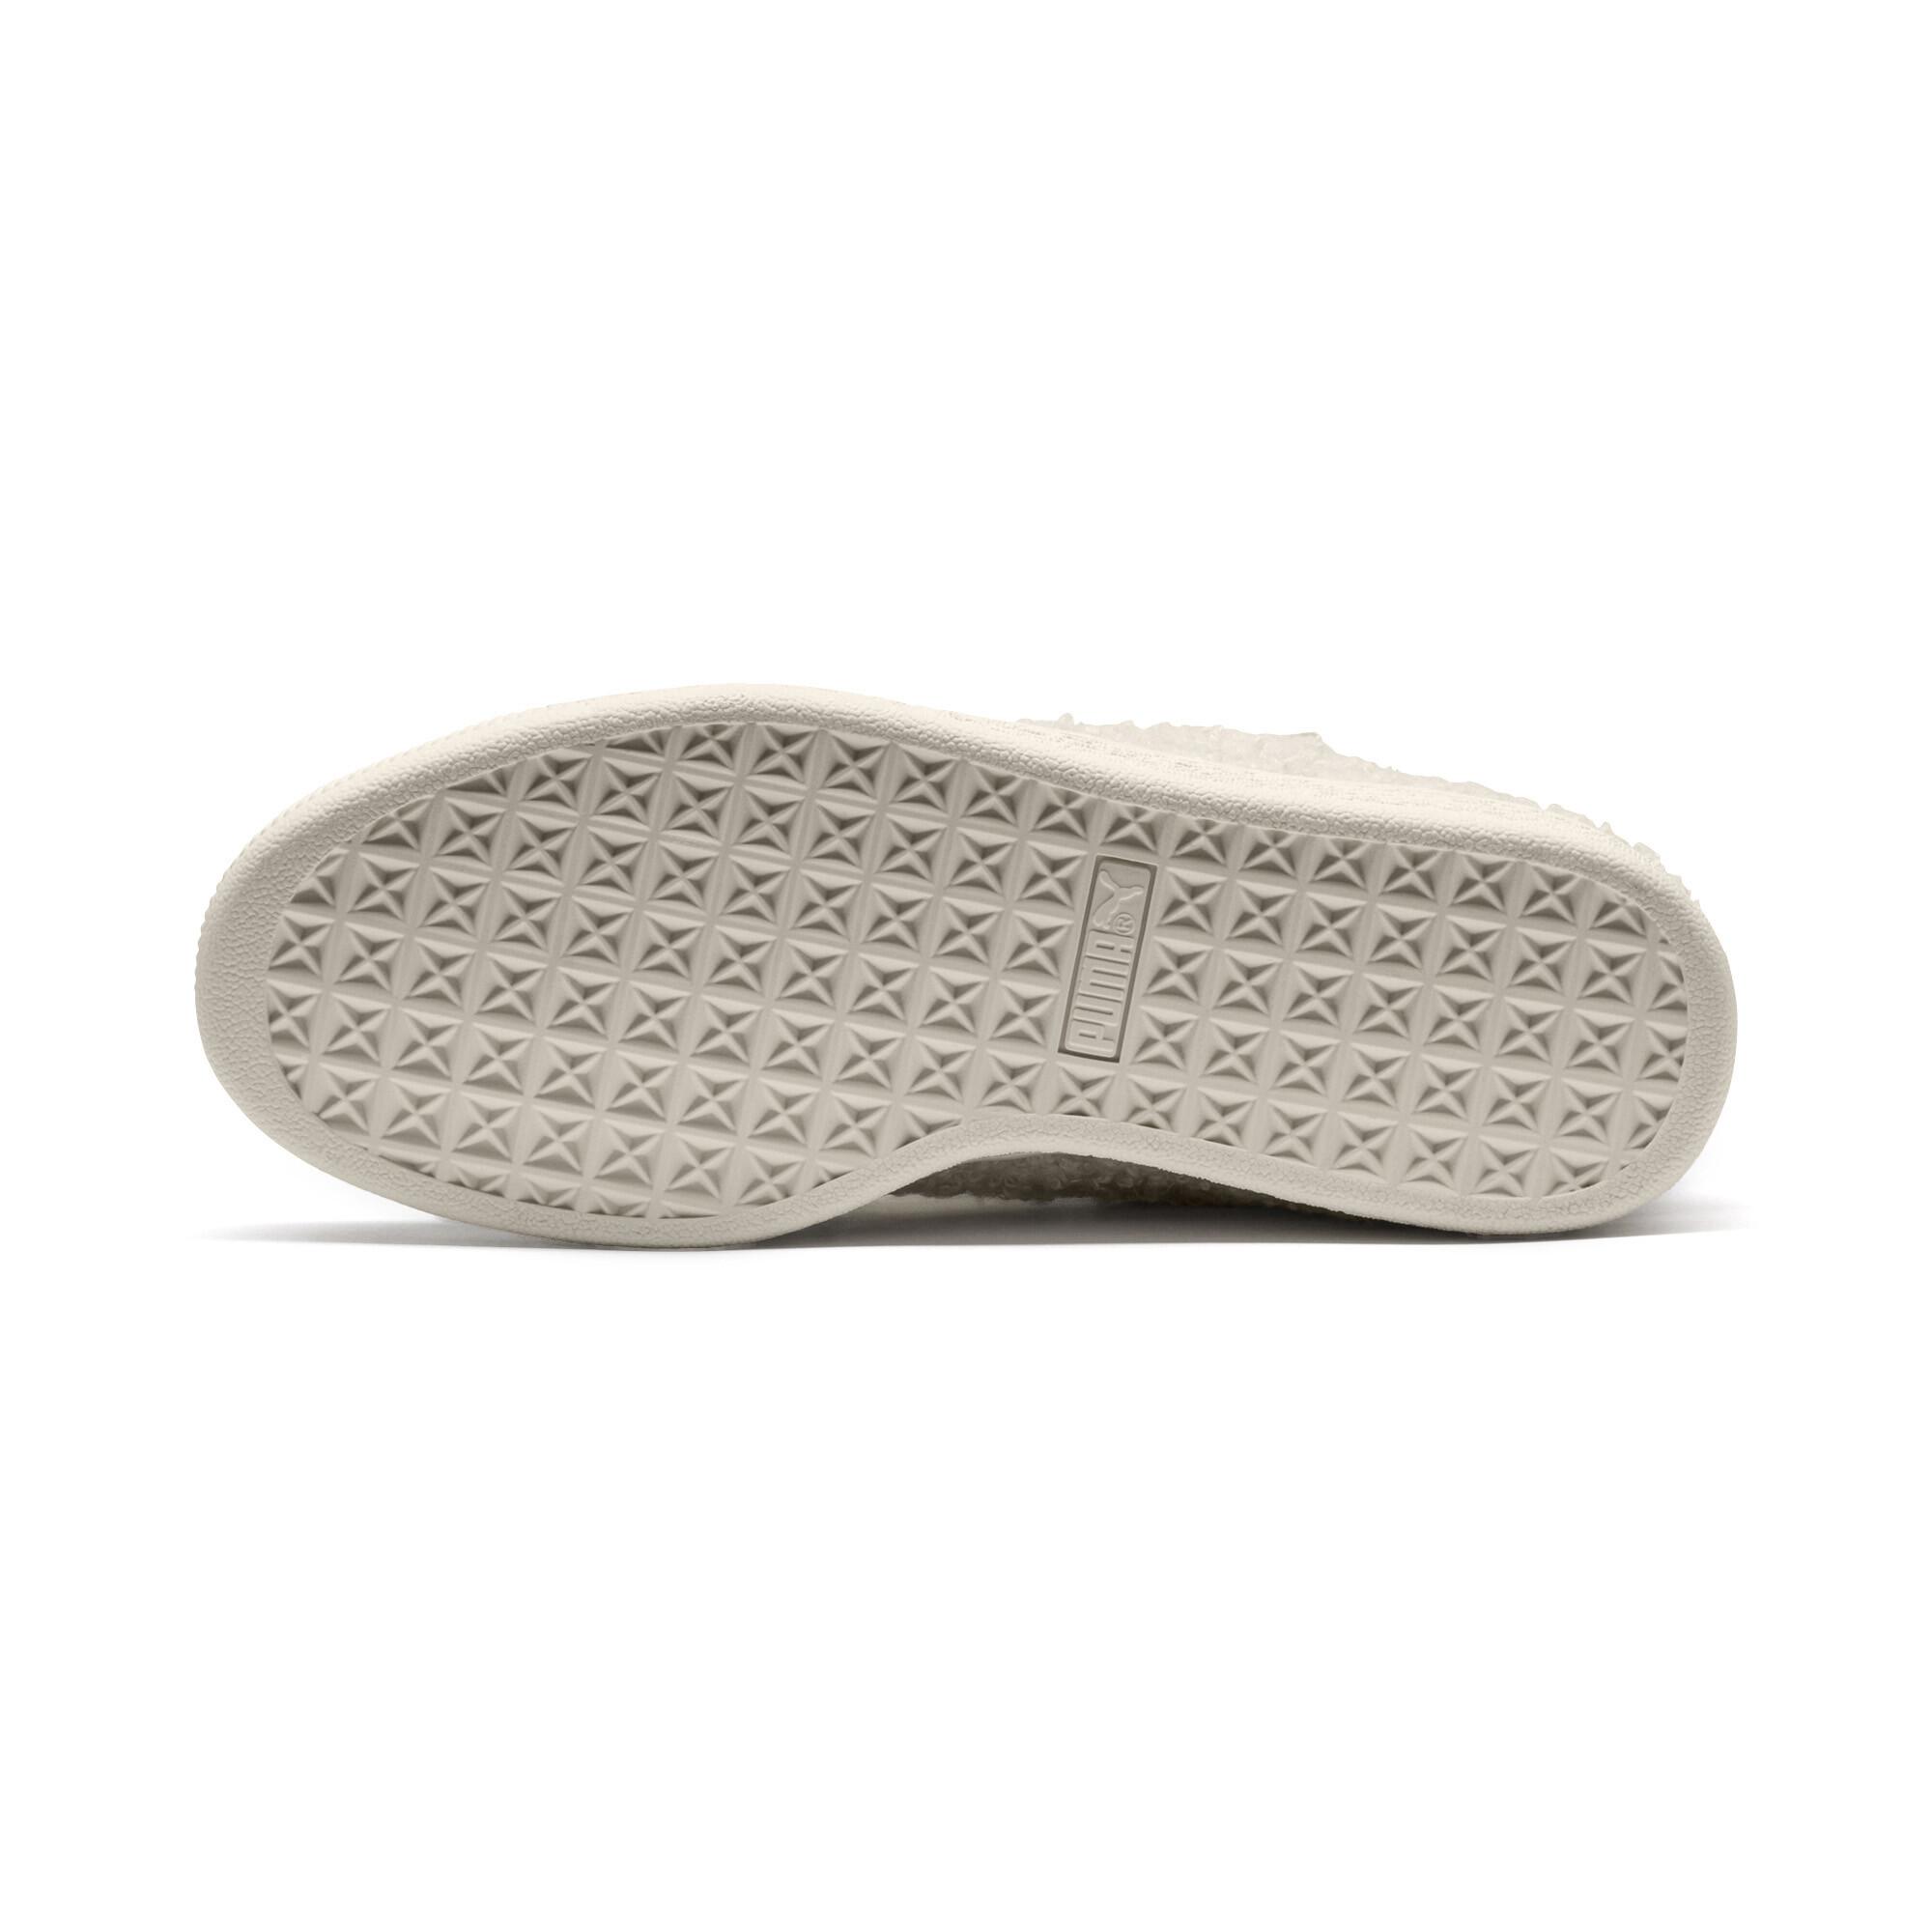 PUMA-Basket-Heart-Teddy-Women-s-Sneakers-Women-Shoe thumbnail 5